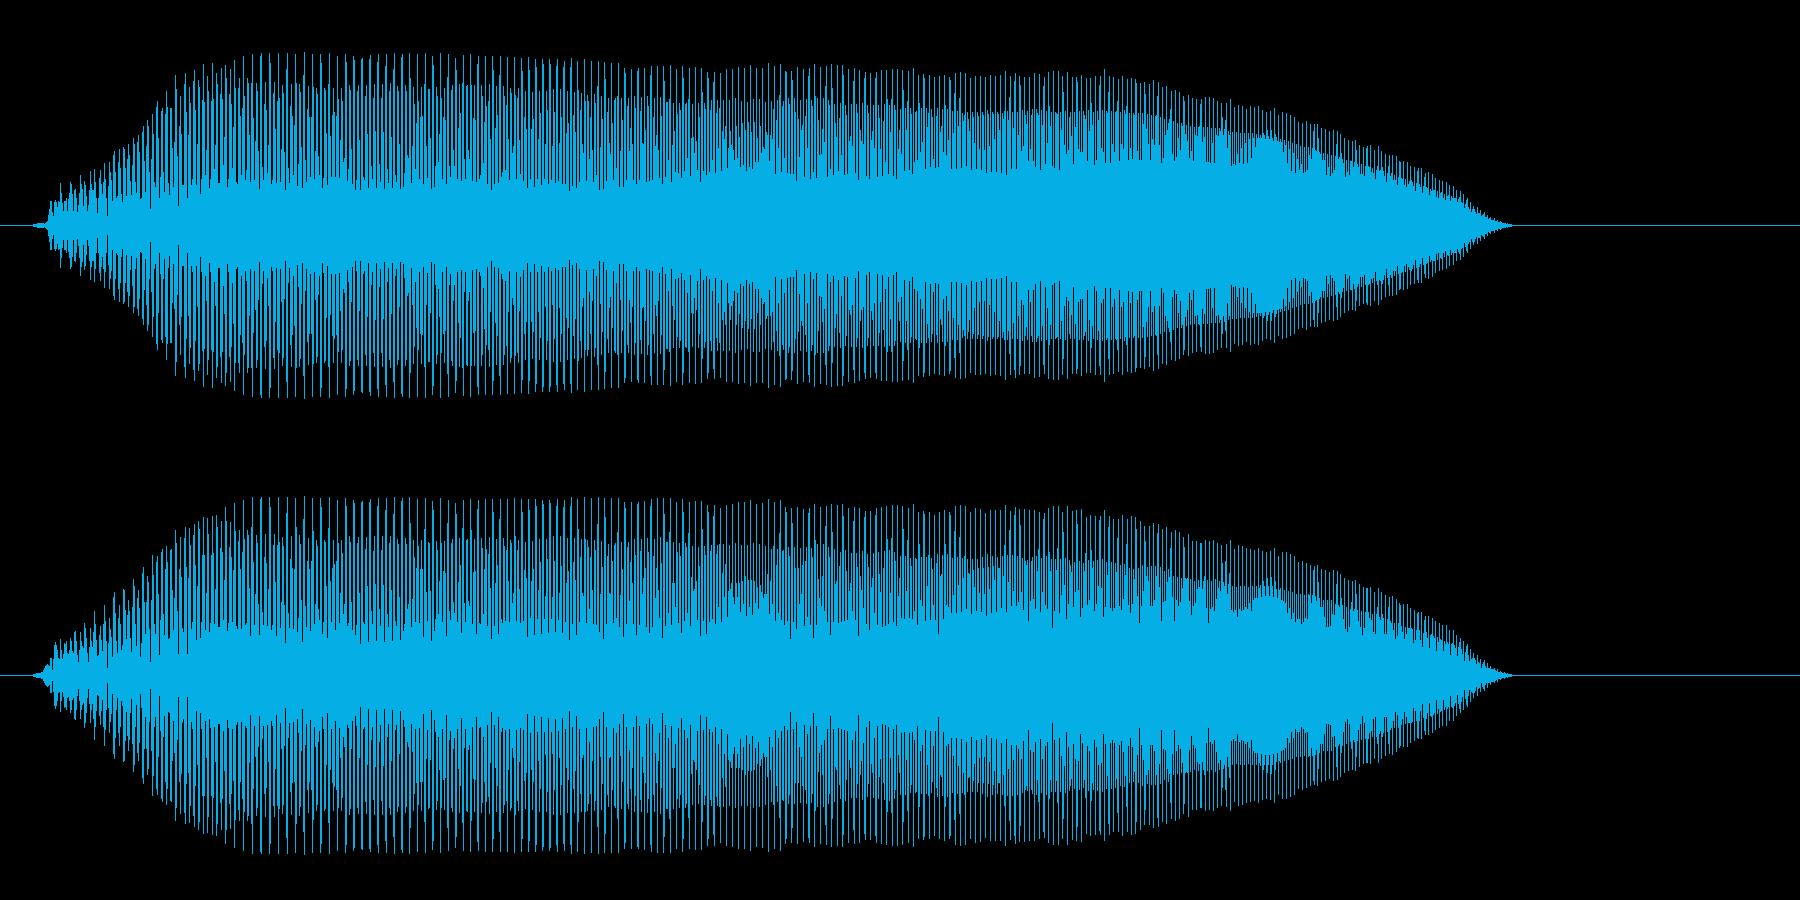 プゥゥ〜(注意喚起や緊張感を出す決定音)の再生済みの波形